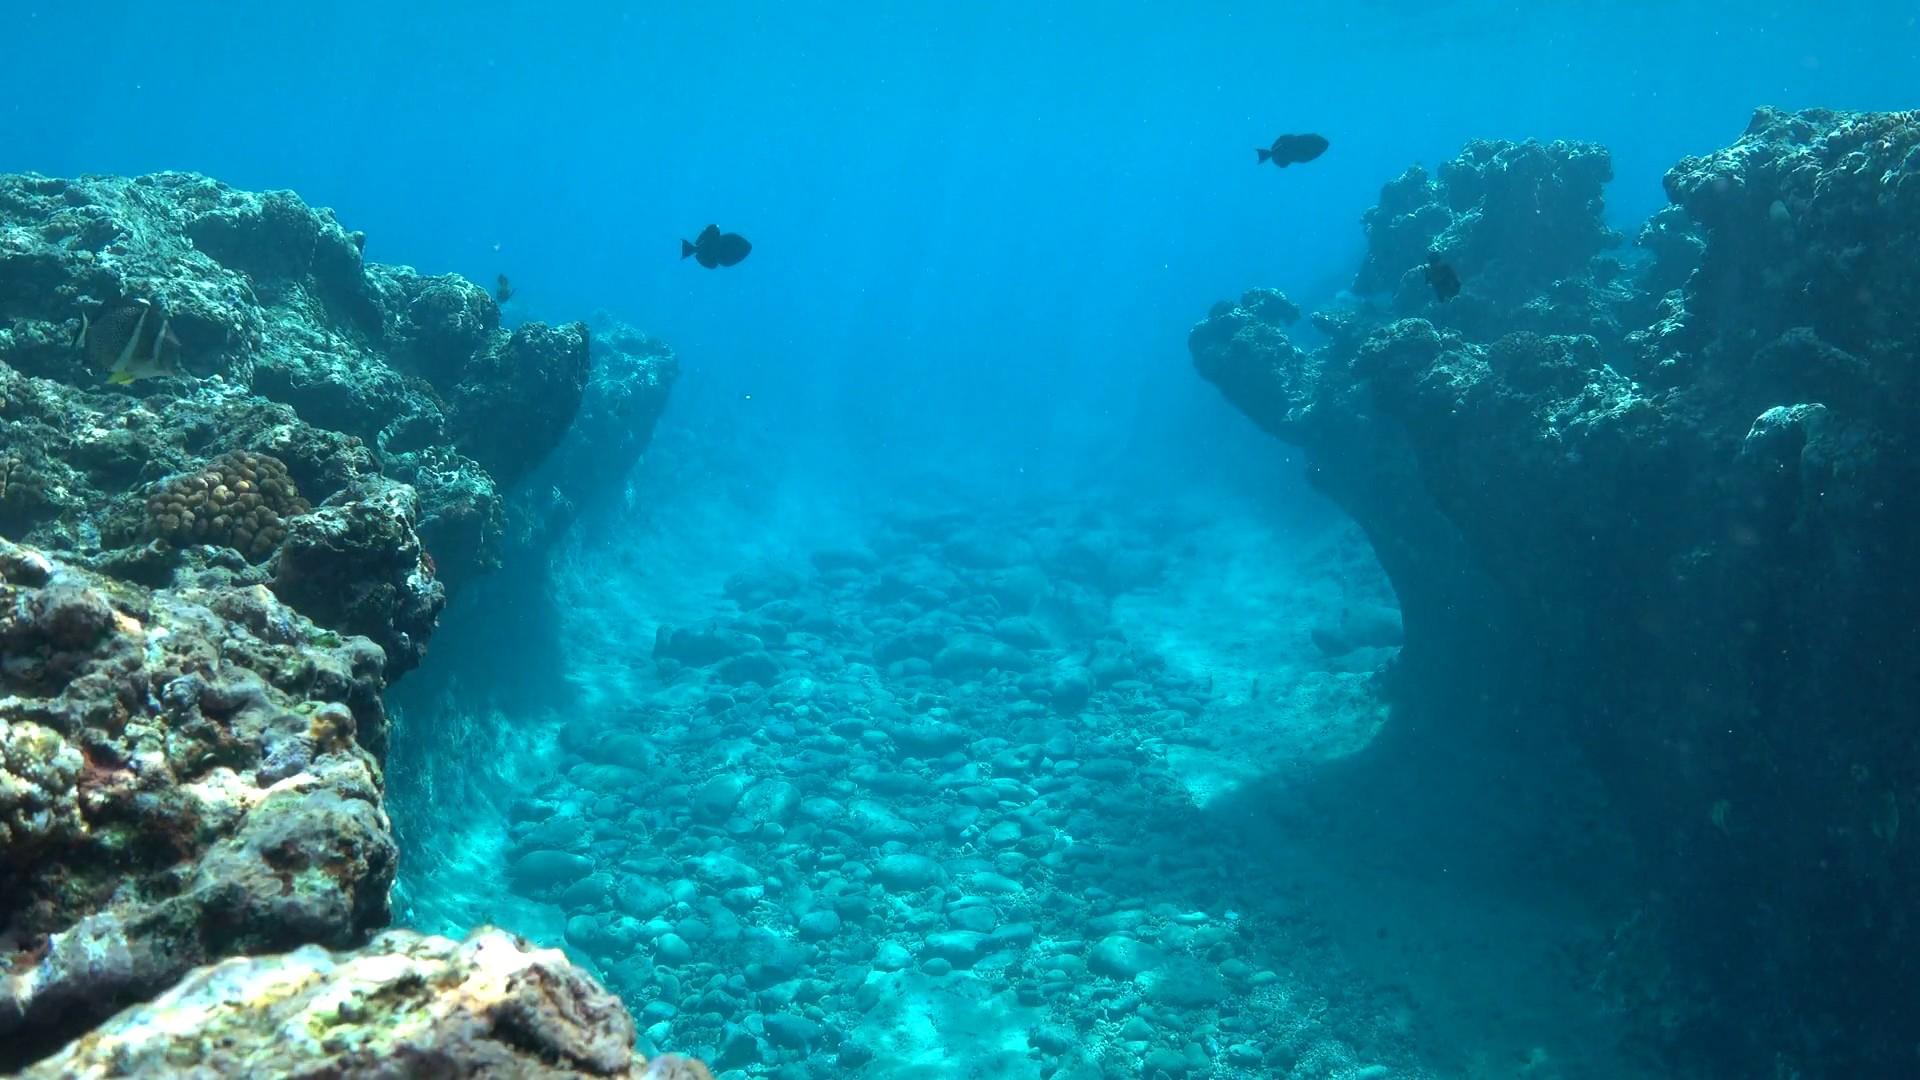 Как Google Earth, только для океанов. Два бывших морпеха США планируют создать карту 98% морского дна